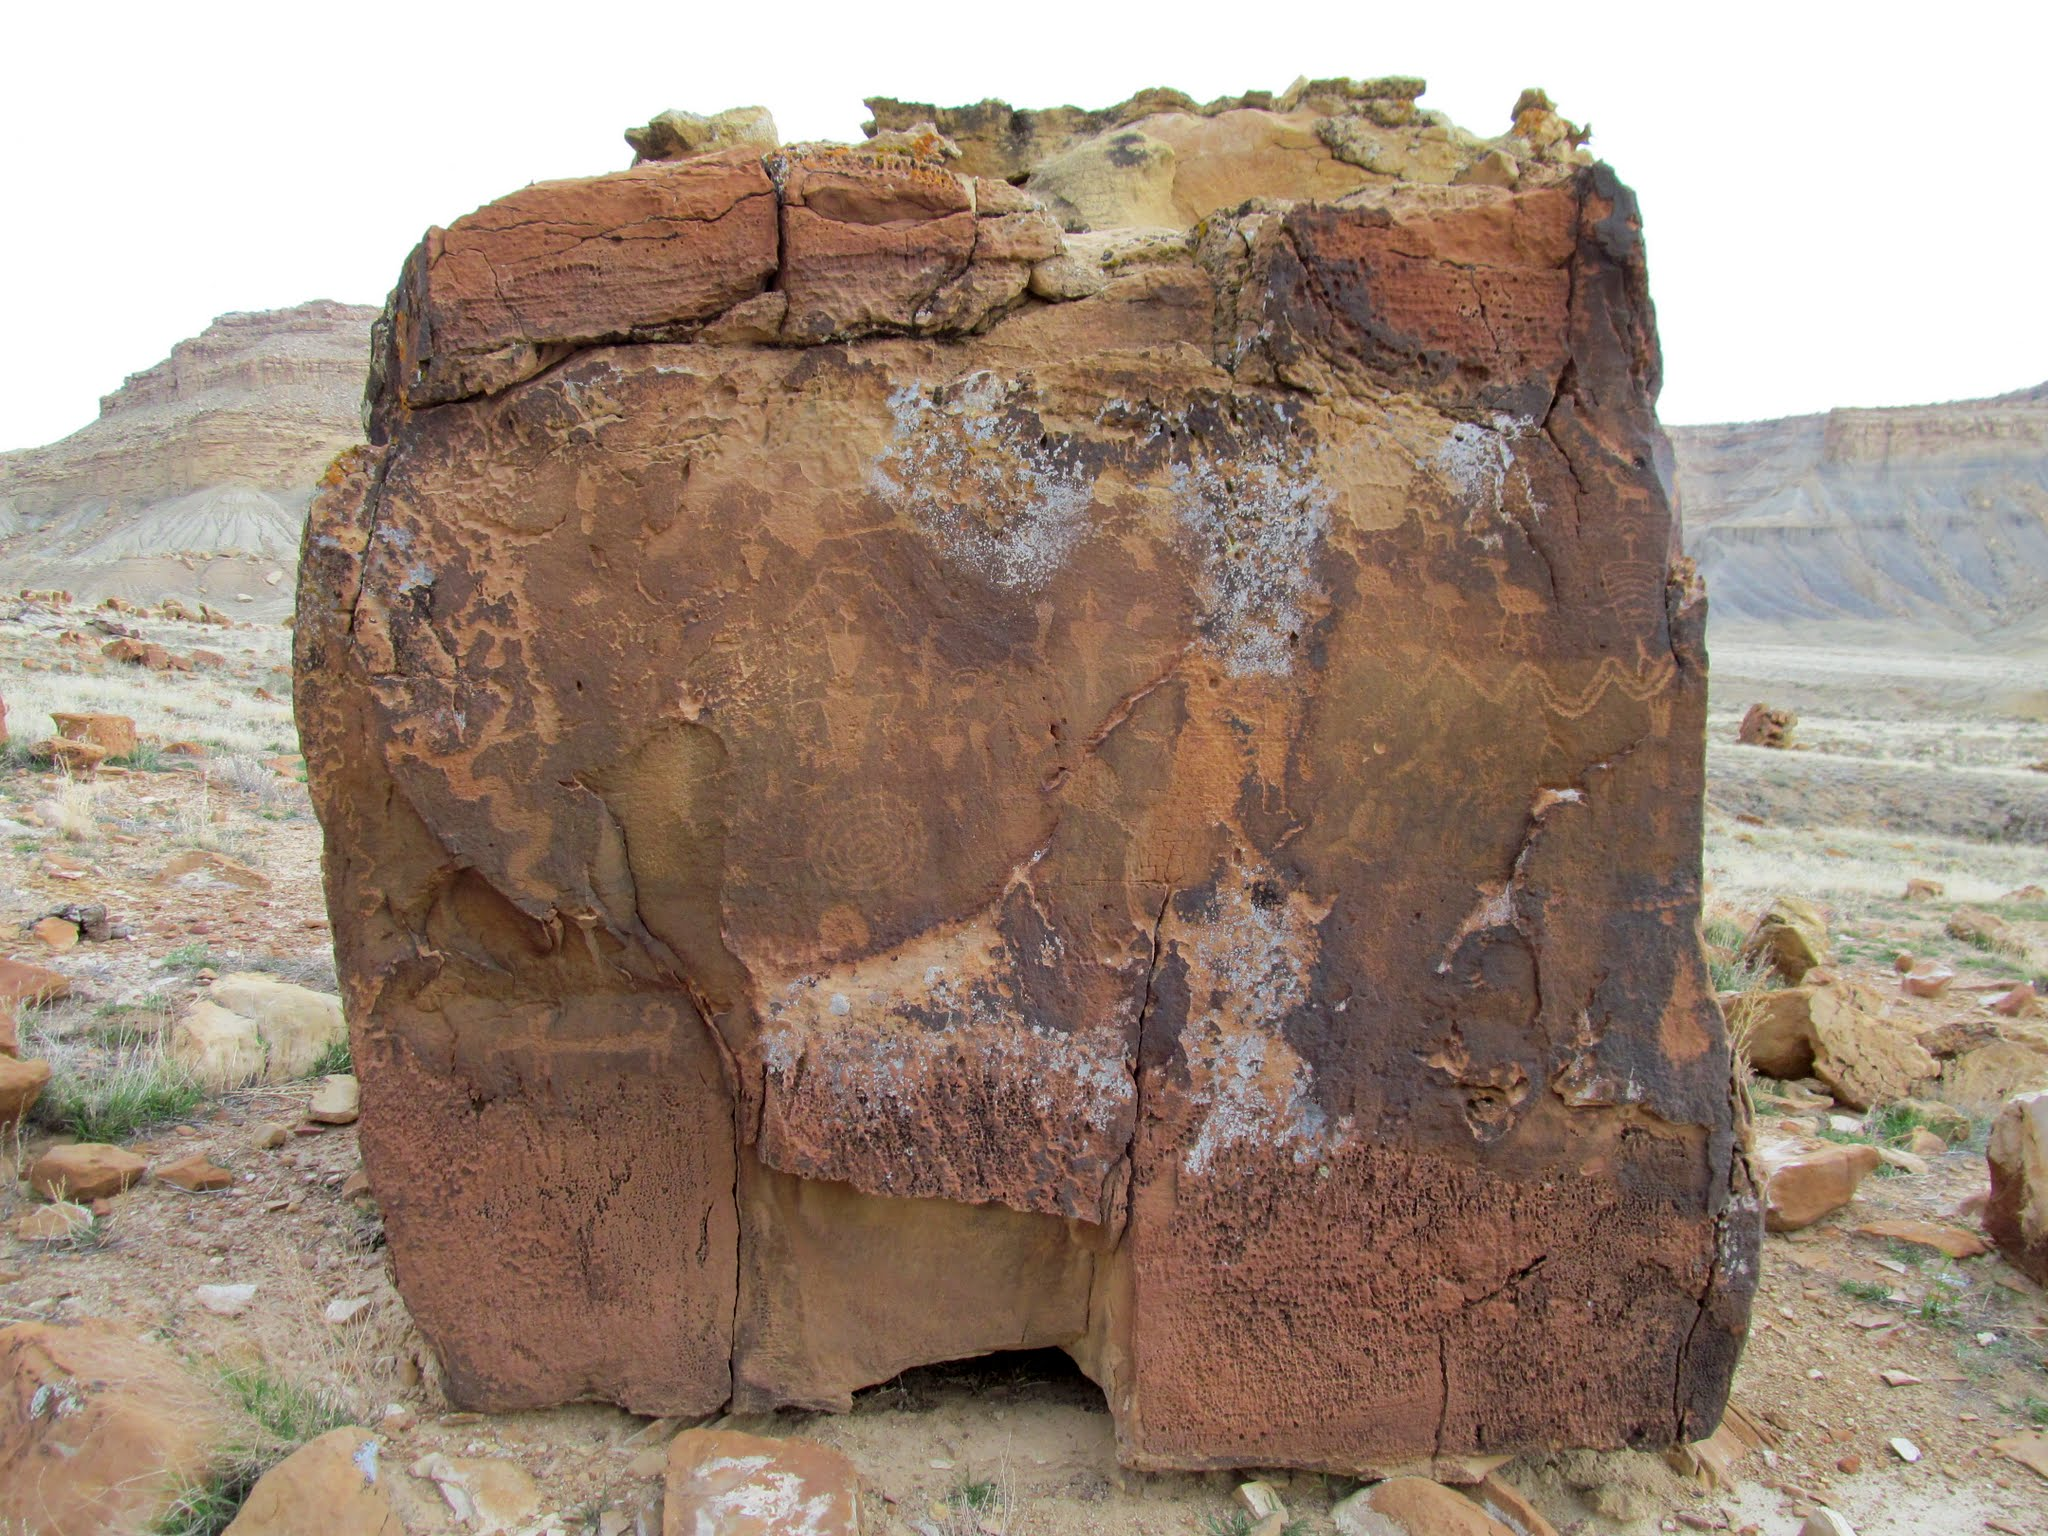 Photo: Square boulder, west side